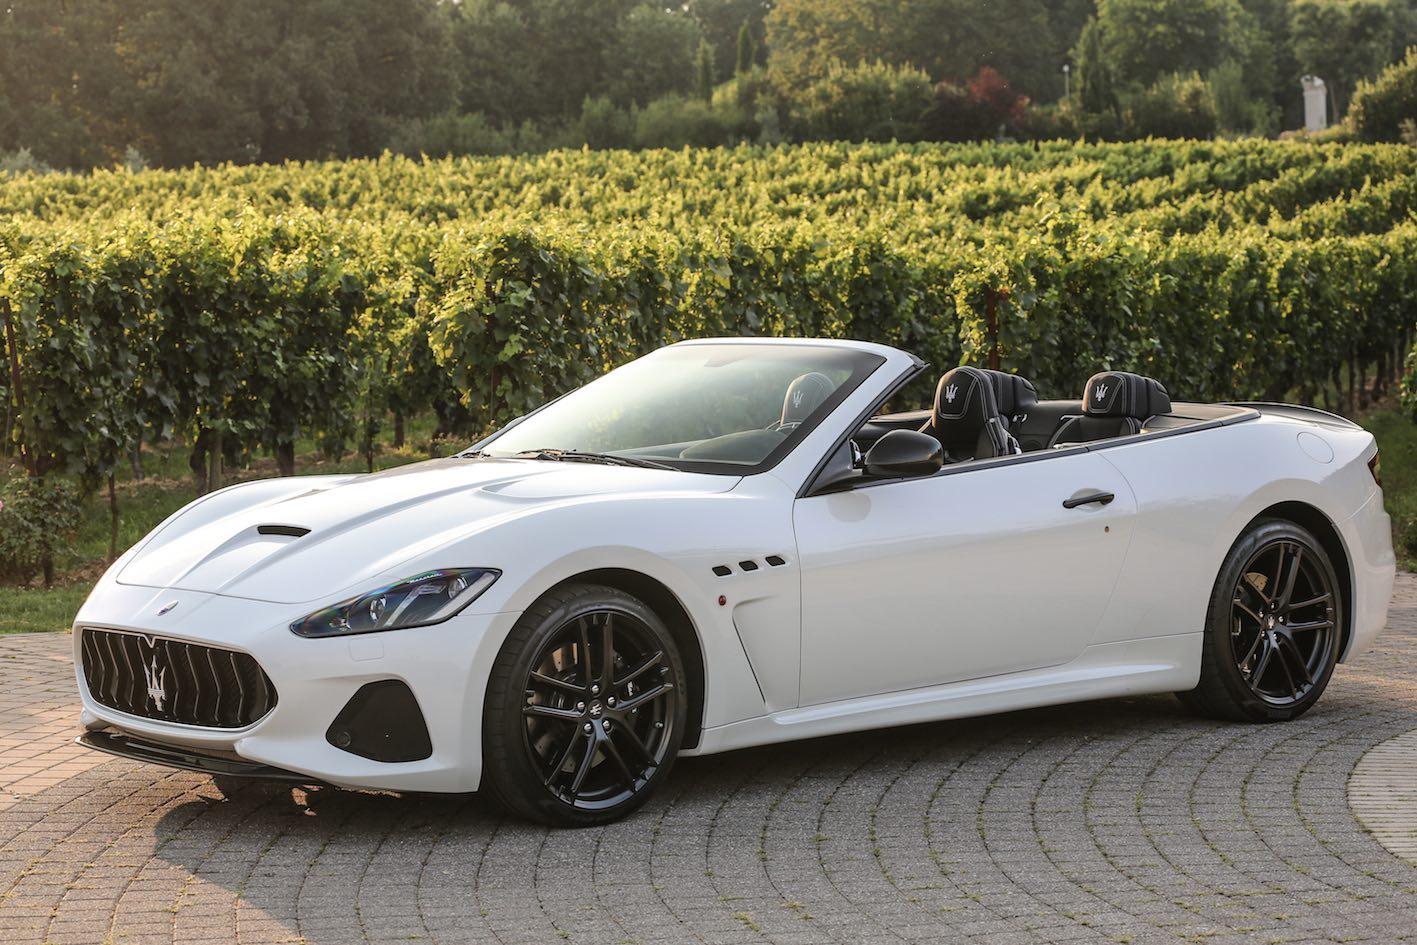 Maserati GranCabrio weiß mit schwarzen Ledersitzen Modell 2018